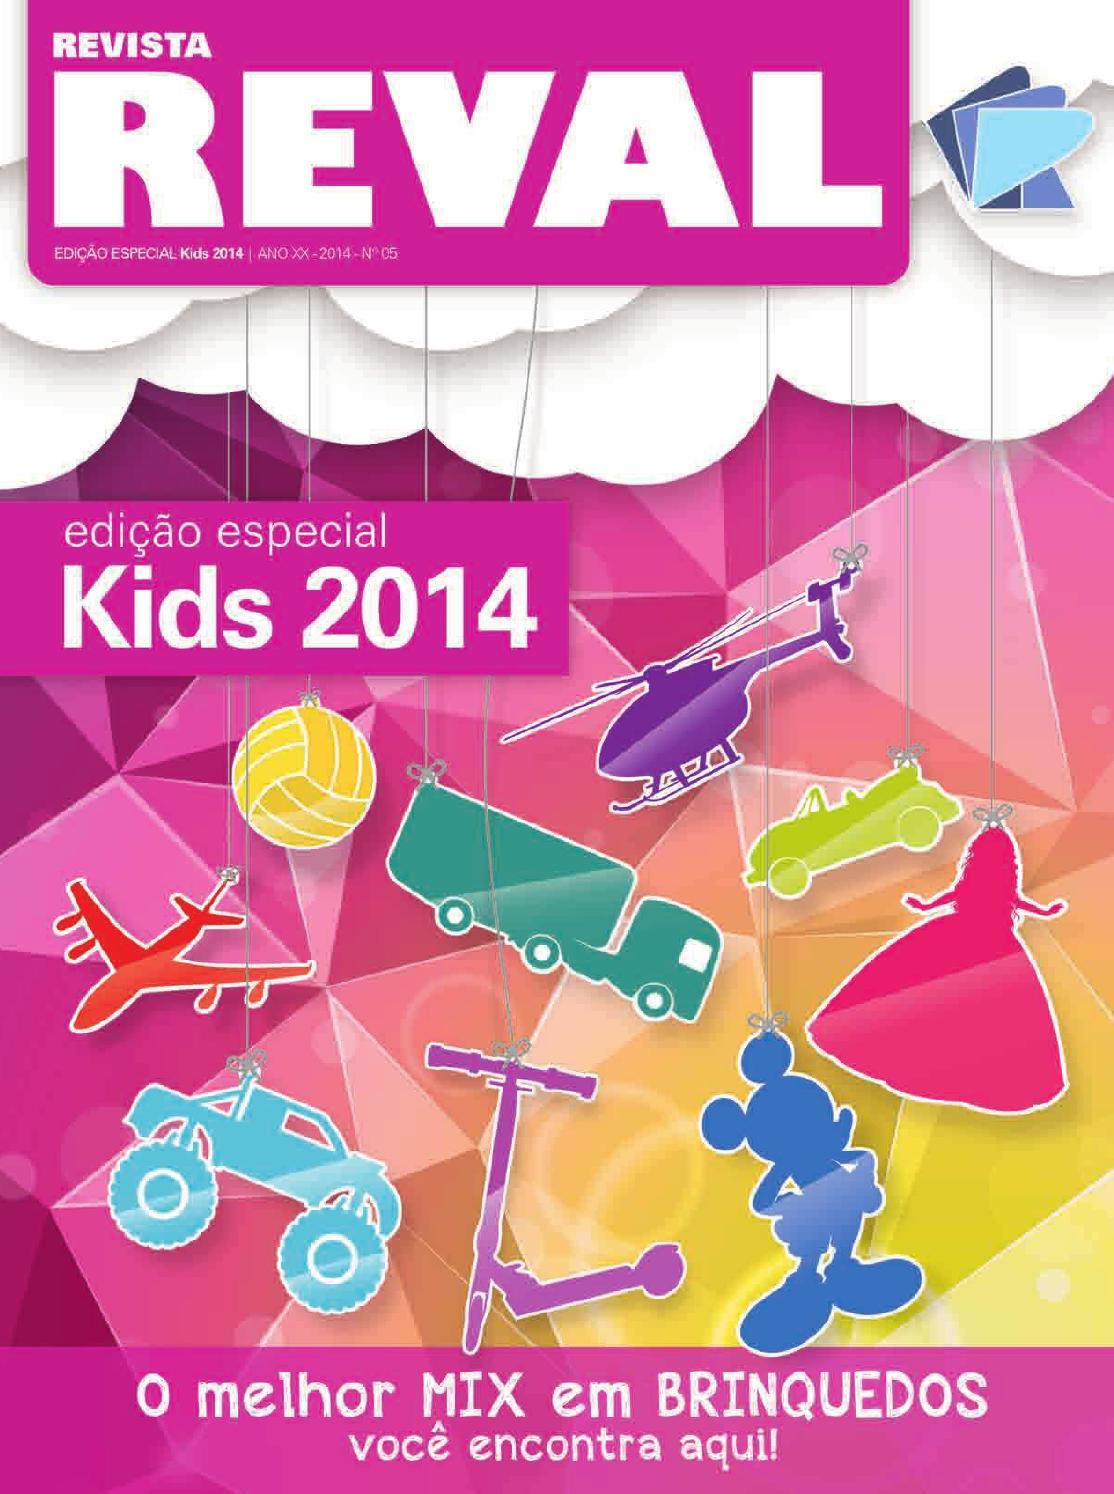 Revista Reval Kids 2014 - Parte 01 by Reval Atacado de Papelaria Ltda. -  issuu 943028acfdbfd